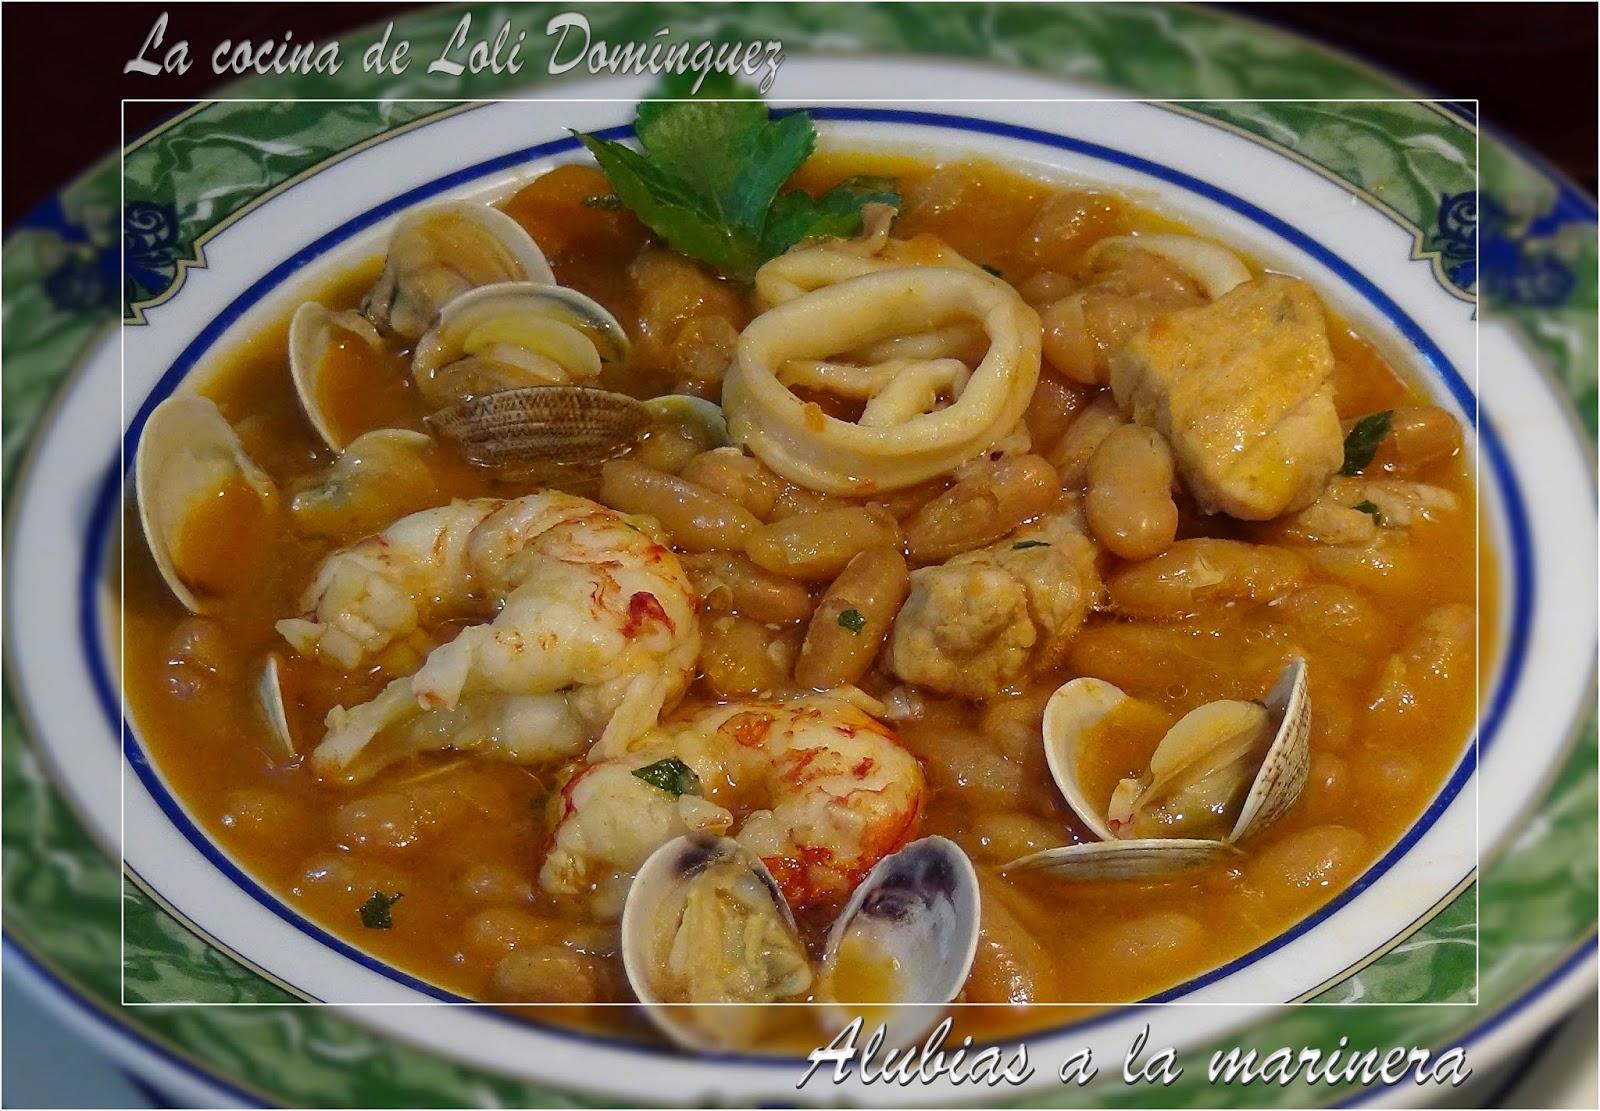 La cocina de loli dom nguez alubias a la marinera for Lavarropas en la cocina